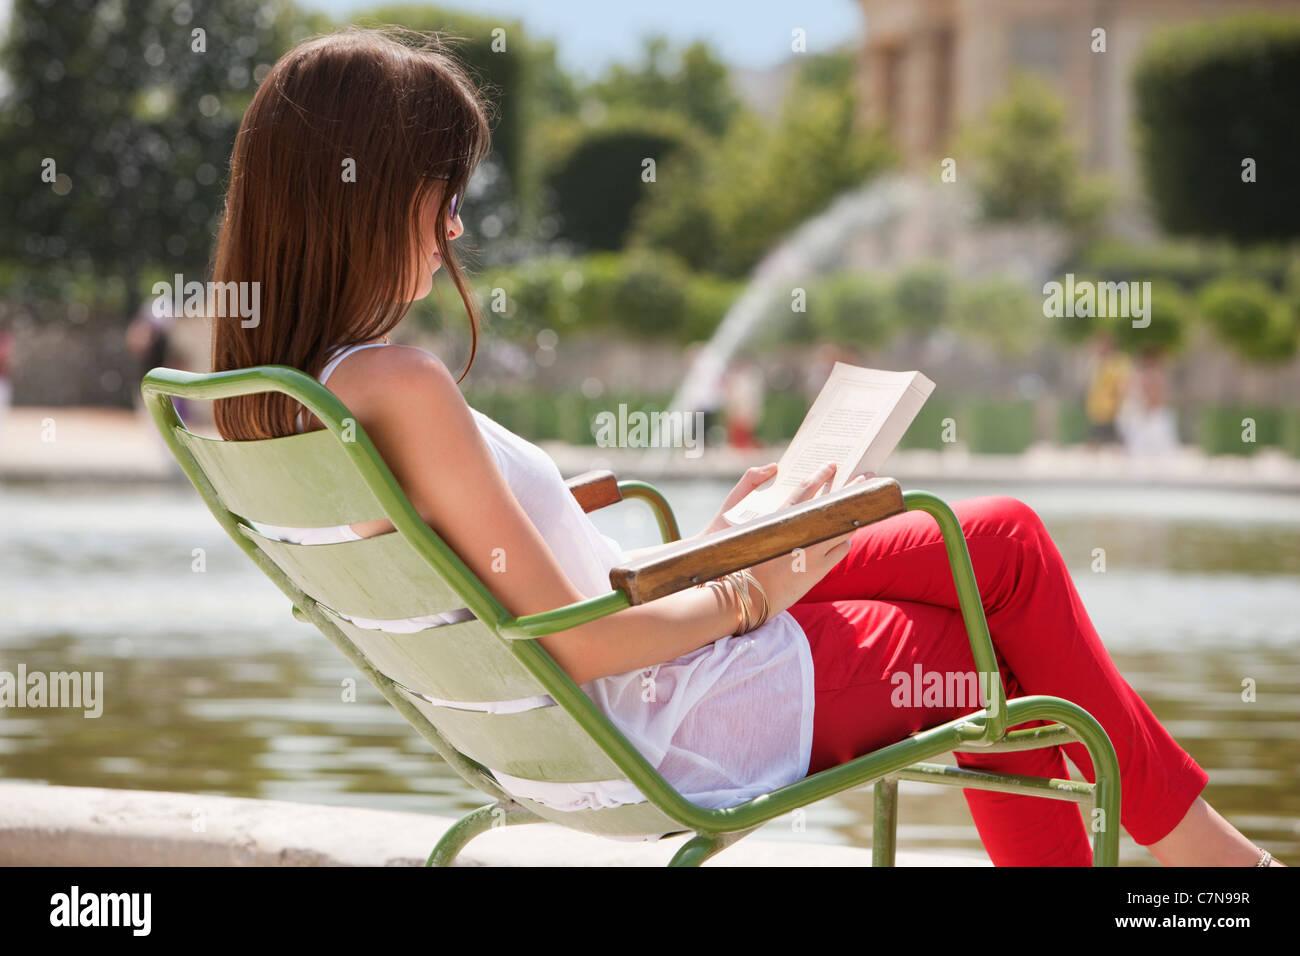 Woman reading a magazine, Jardin des Tuileries, Paris, Ile-de-France, France - Stock Image